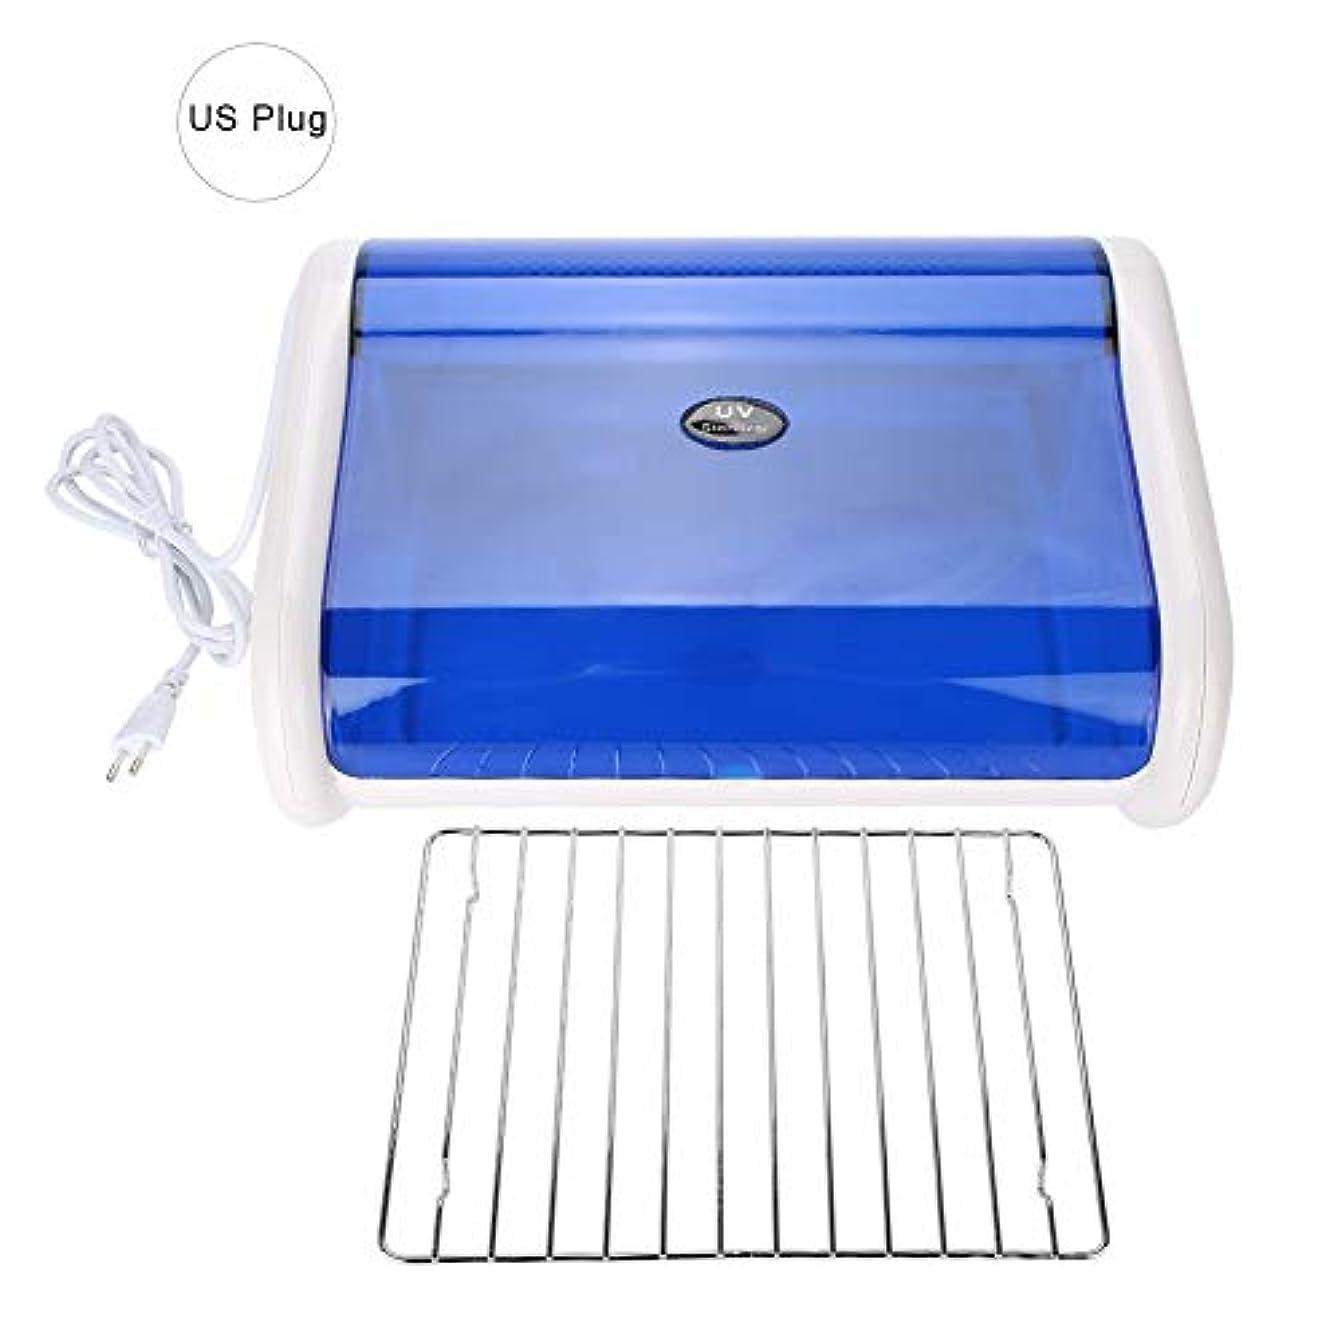 広大な嫉妬半島UV消毒器 Delaman208 ネイルマニキュアツール UV 消毒 除菌 抗菌 消毒器 消毒機 衛生機器 USプラグホワイト+ブルー(M)